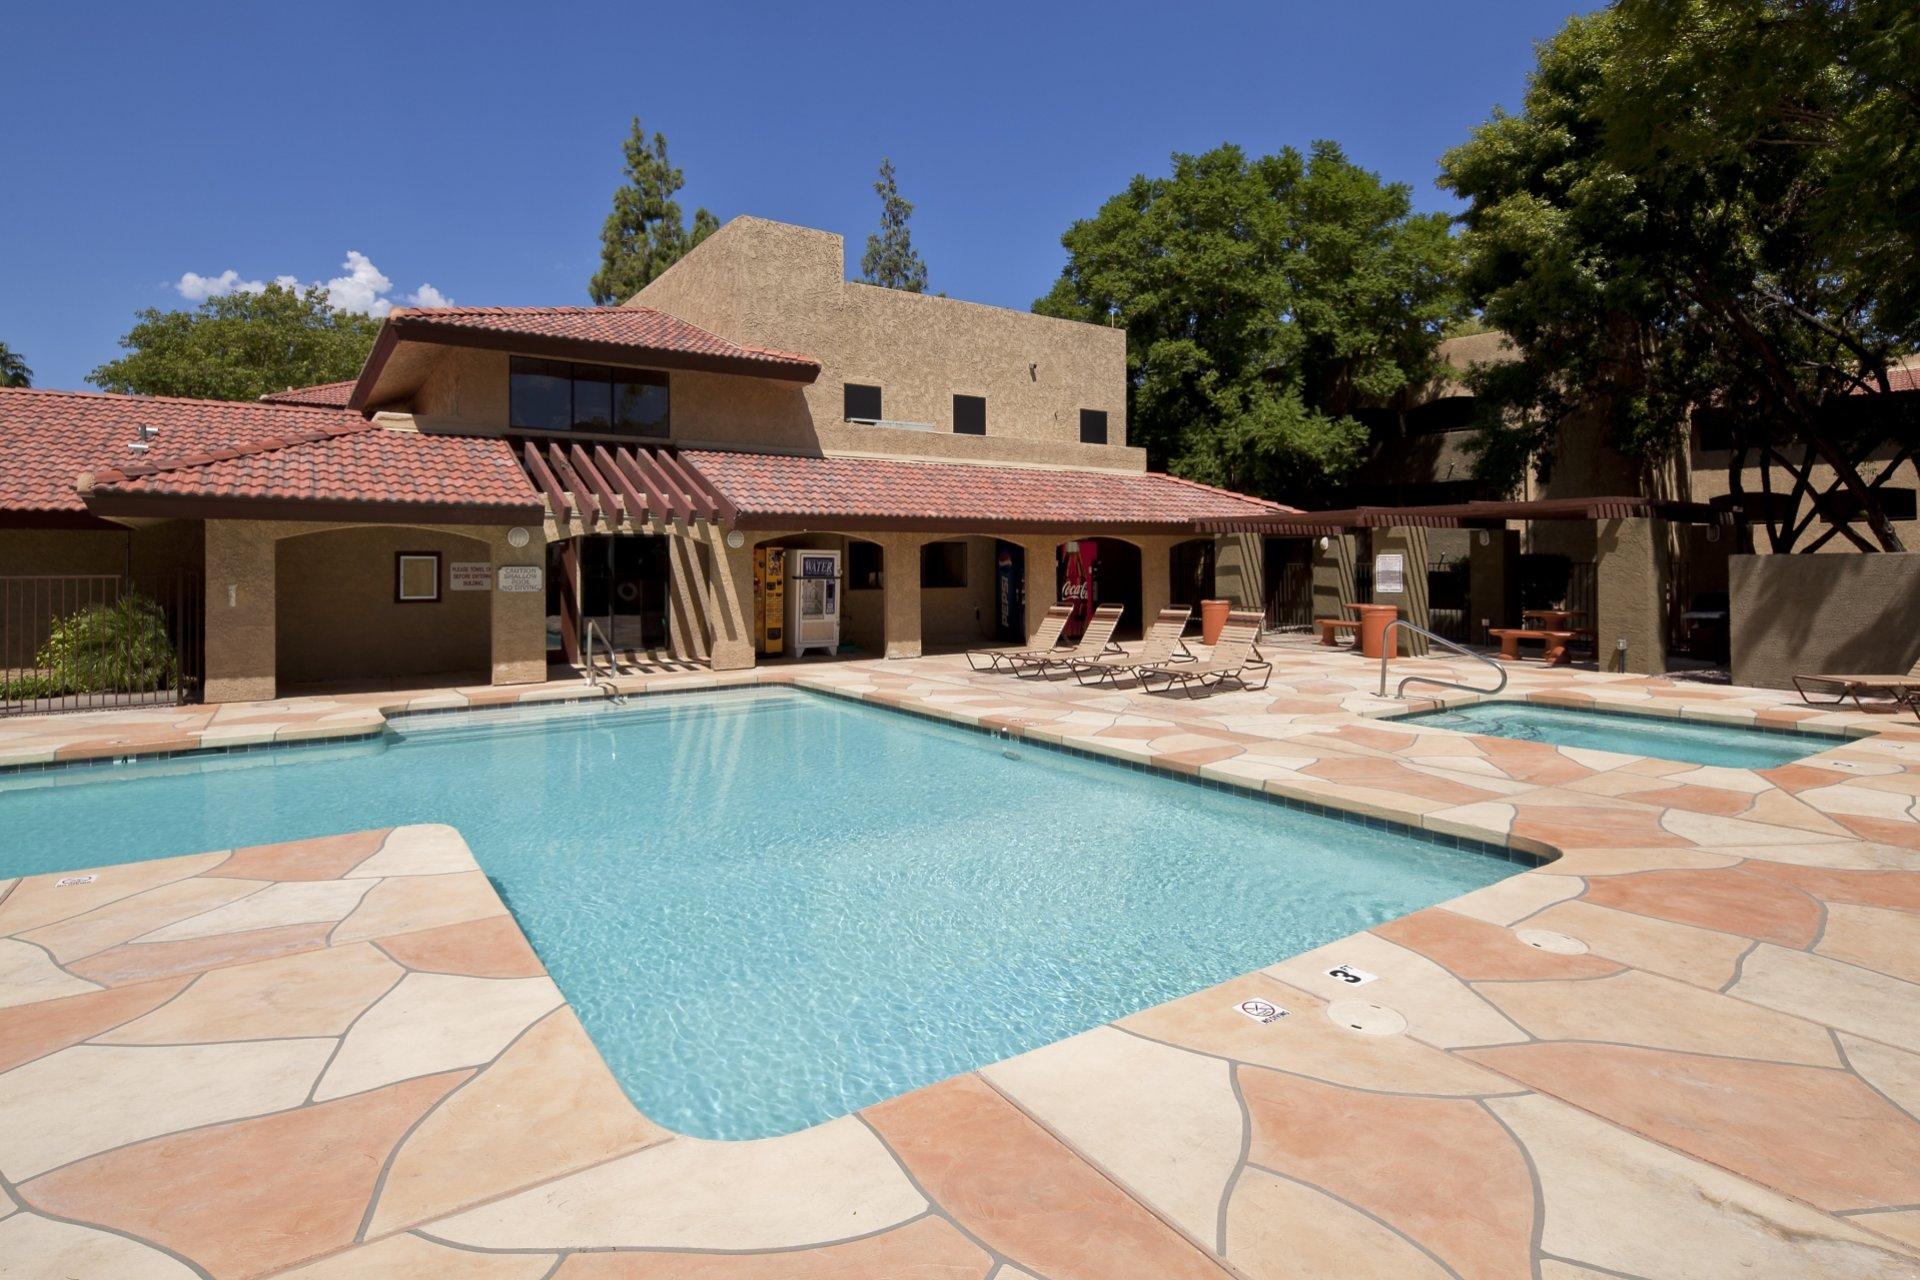 Villa Toscana Apartments Phoenix  AZ pool  hot tub and patio. Studio  1   2 Bedroom Apartment Floor Plans   Villa Toscana